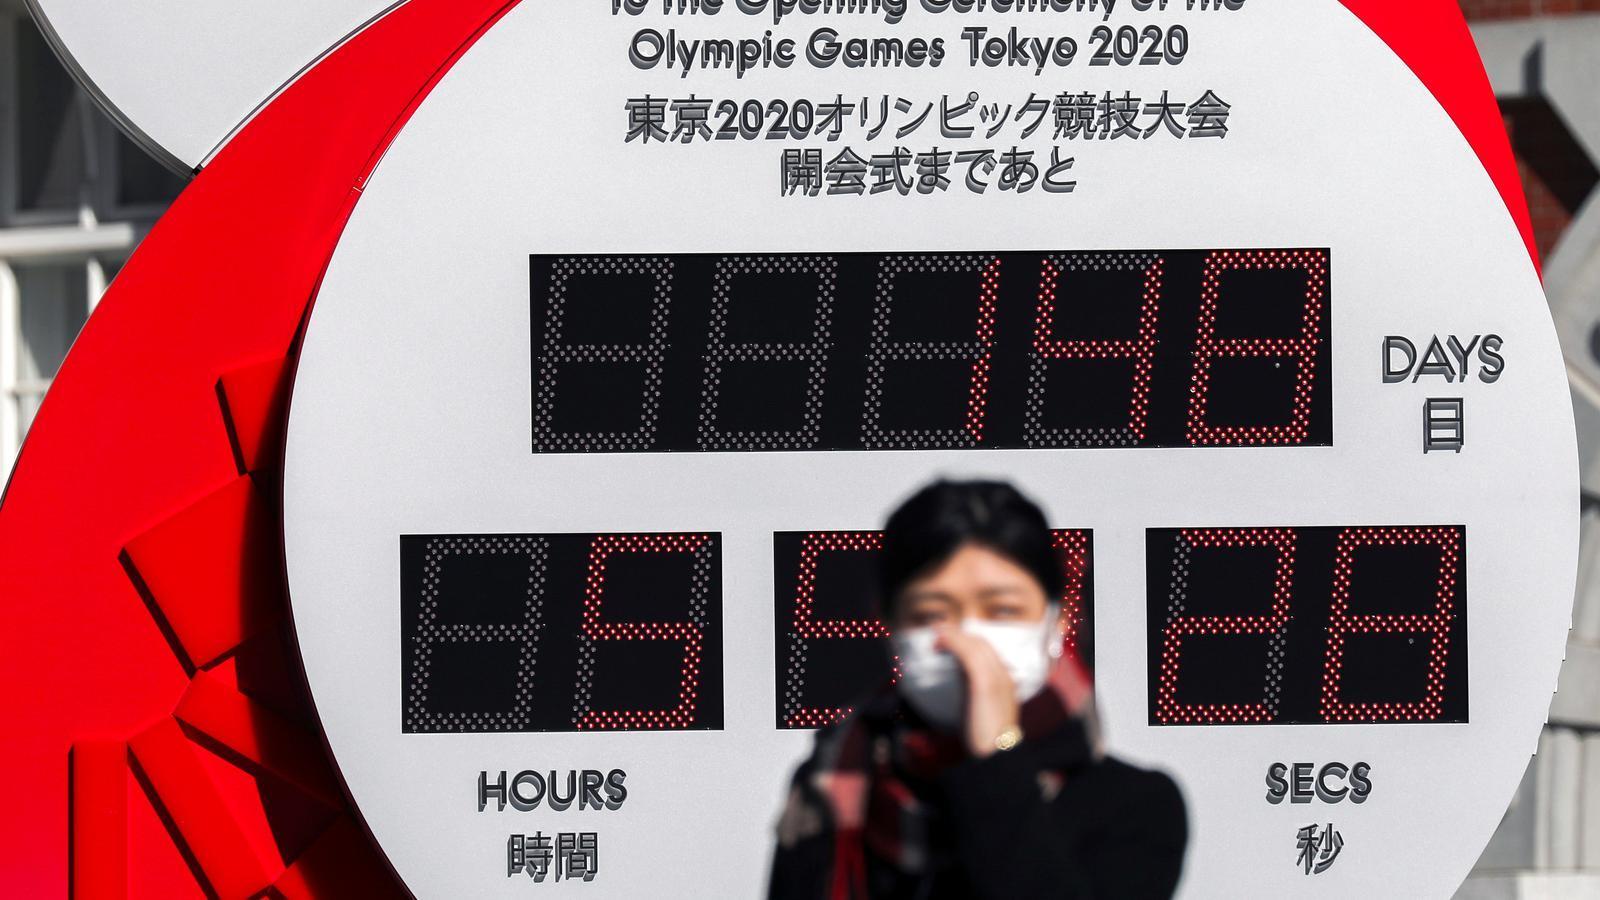 Una dona amb mascareta davant del rellotge que marca el compte enrere dels Jocs Olímpics Tòquio 2020, al Japó